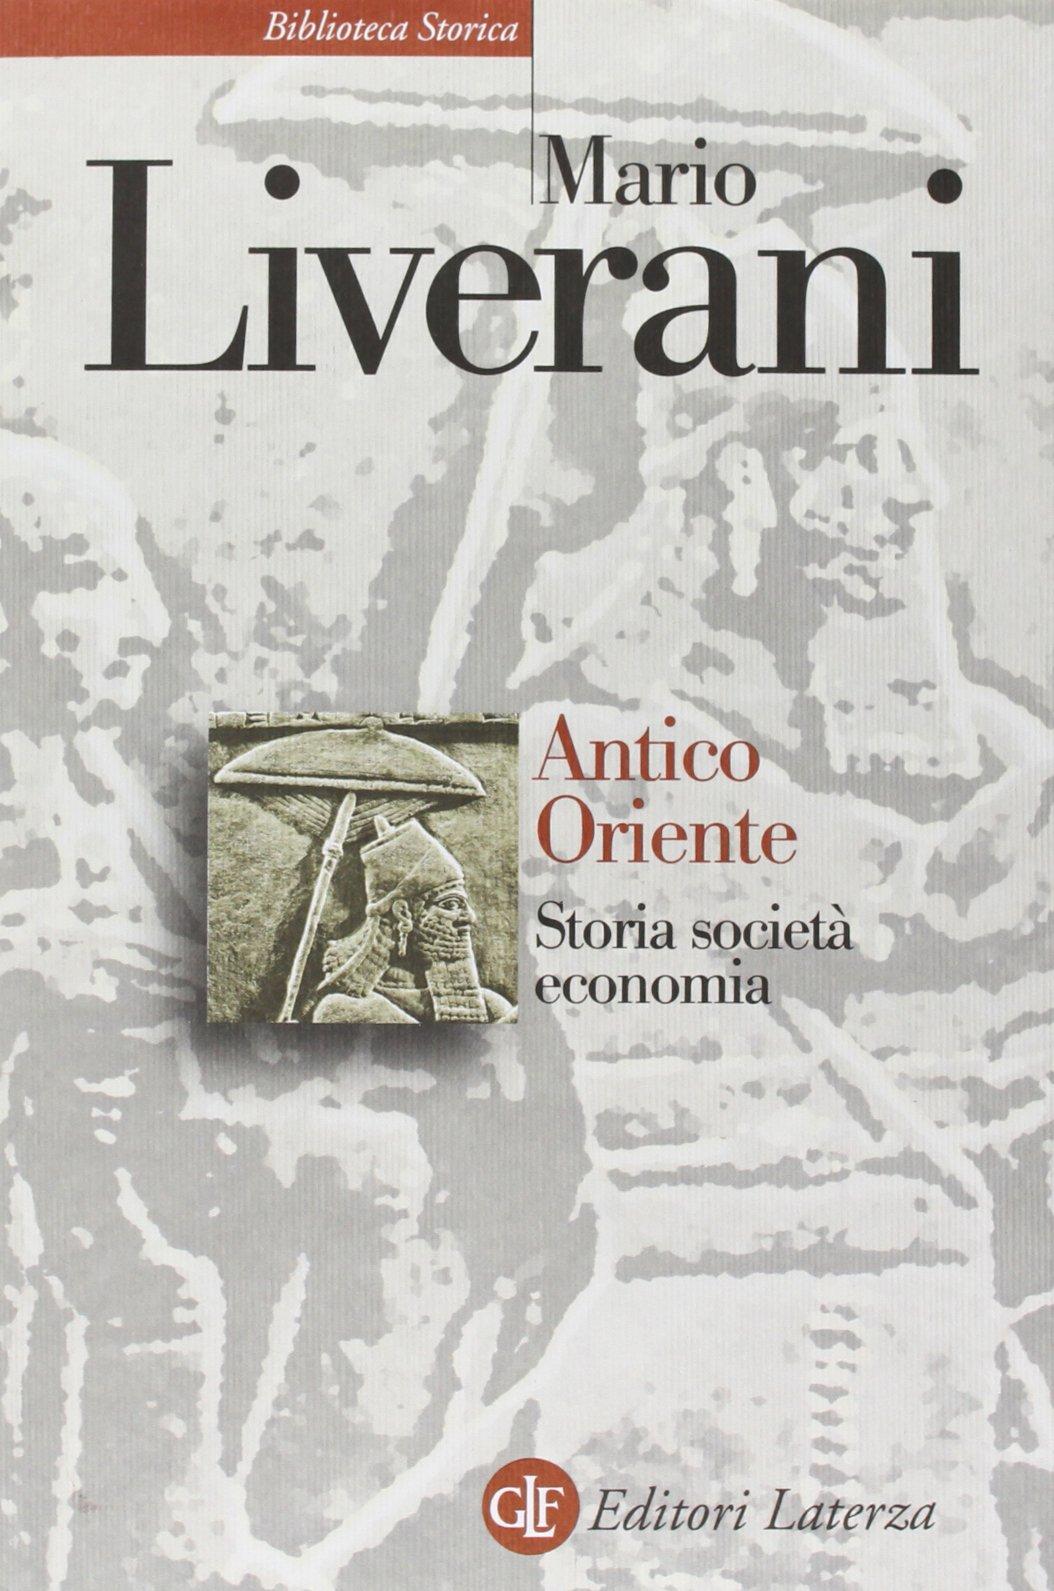 LIVERANI, M. Antico Oriente: Storia, società, economia. 4. ed. Bari: Laterza, 2011, 899 p.